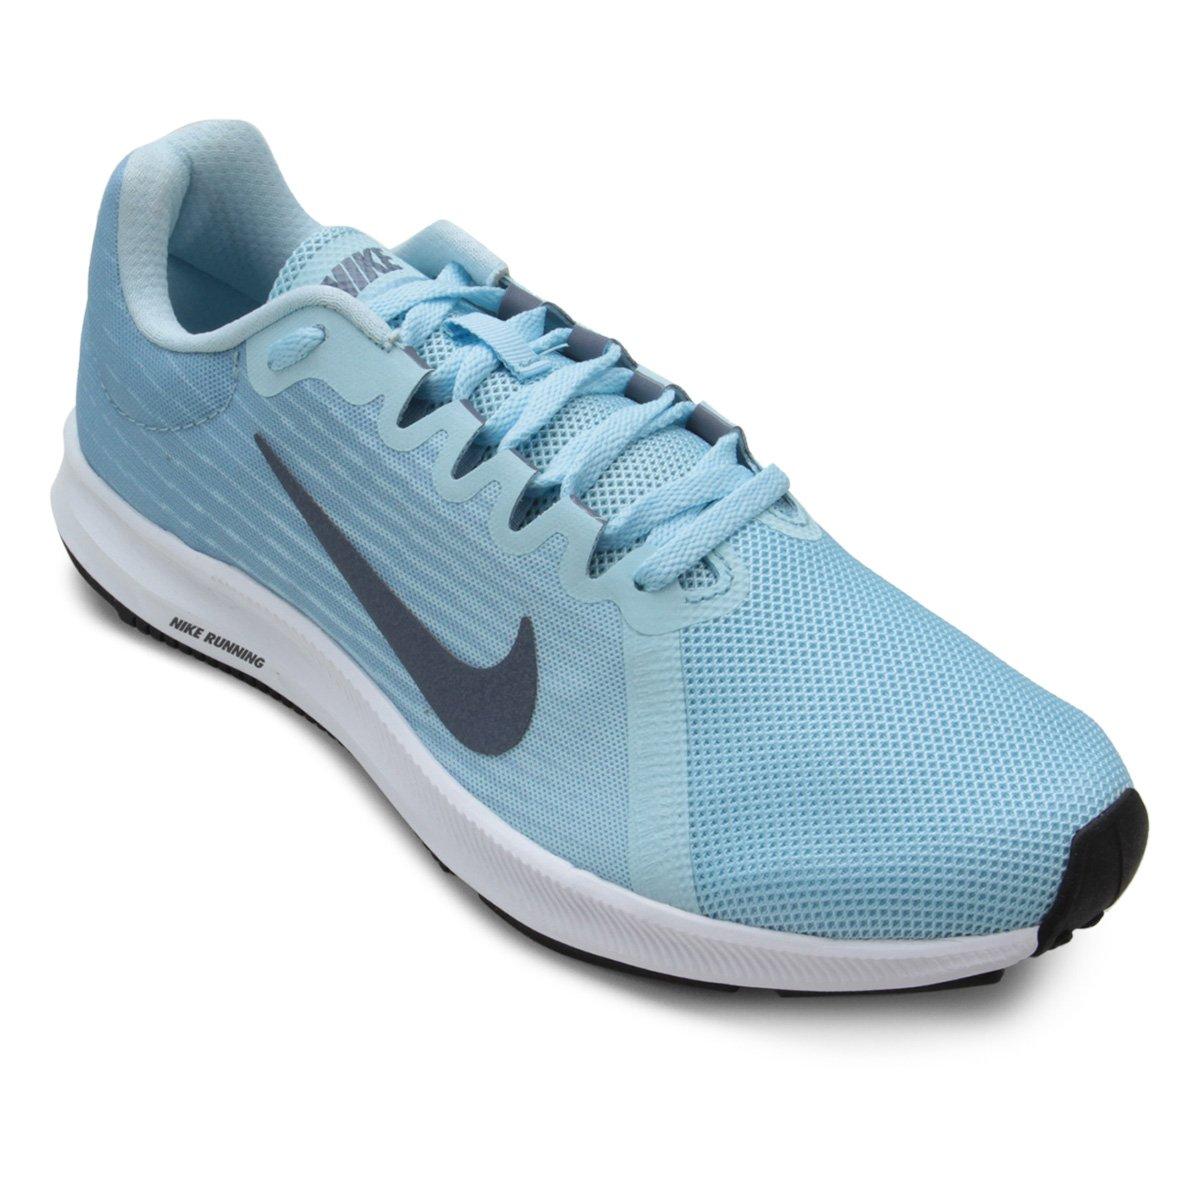 Tênis Nike Wmns Downshifter 8 Feminino - Azul Claro - Compre Agora ... f3e932dc5804b